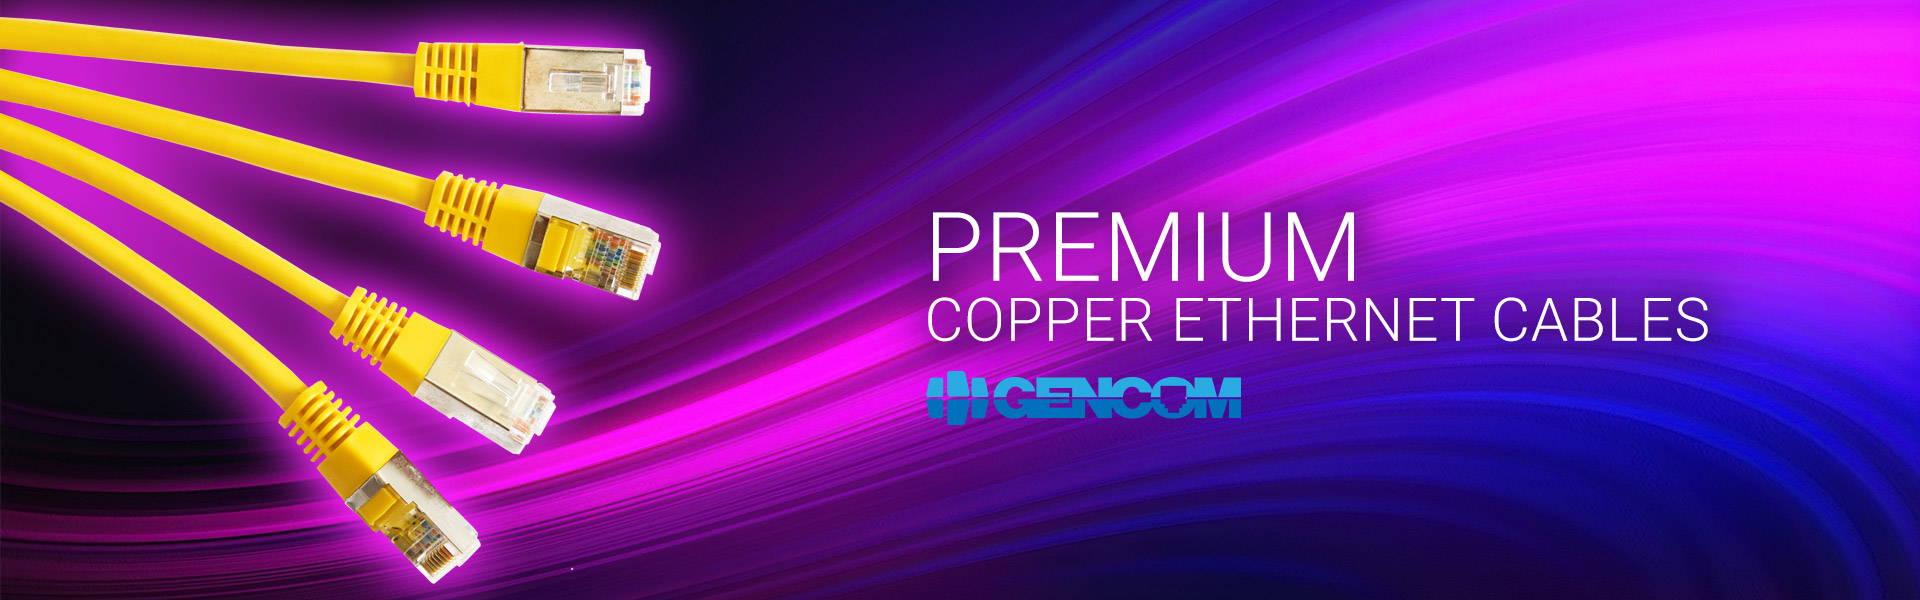 Premium Copper Ethernet Cables